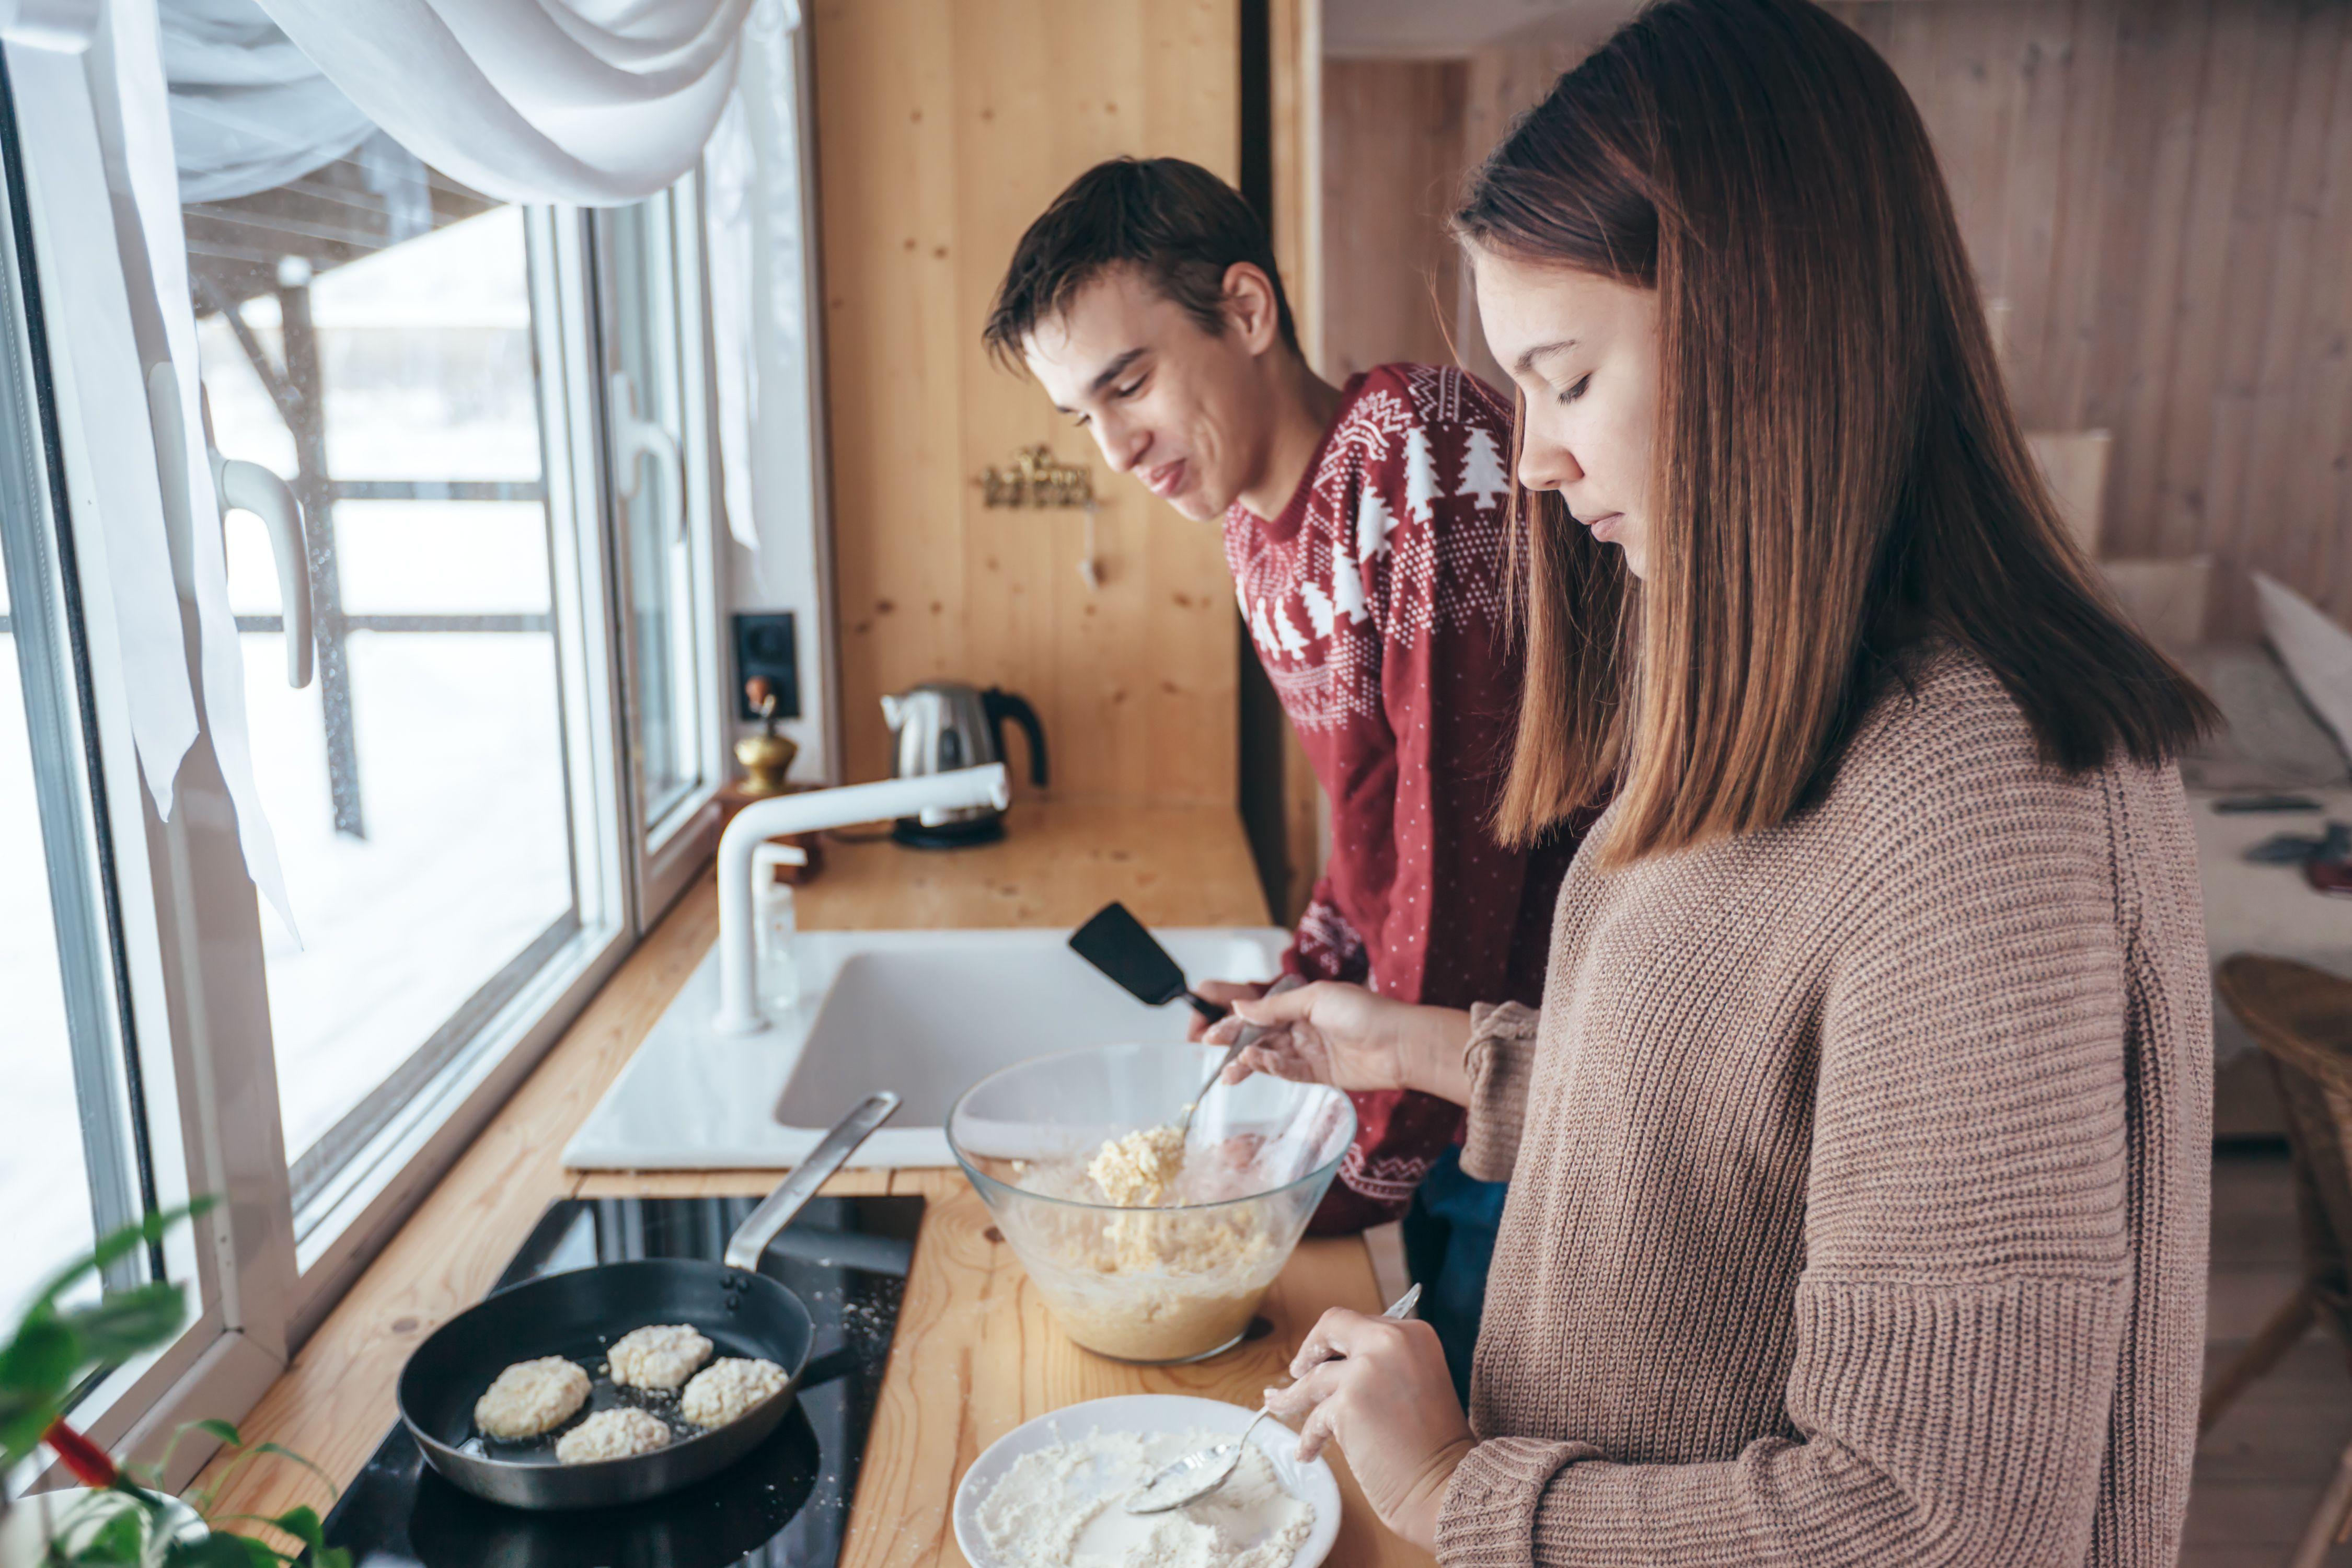 SETT GRENSER: Å bidra hjemme skaper fellesskap, men det kan også bli for mye ansvar. Foto: Colourbox